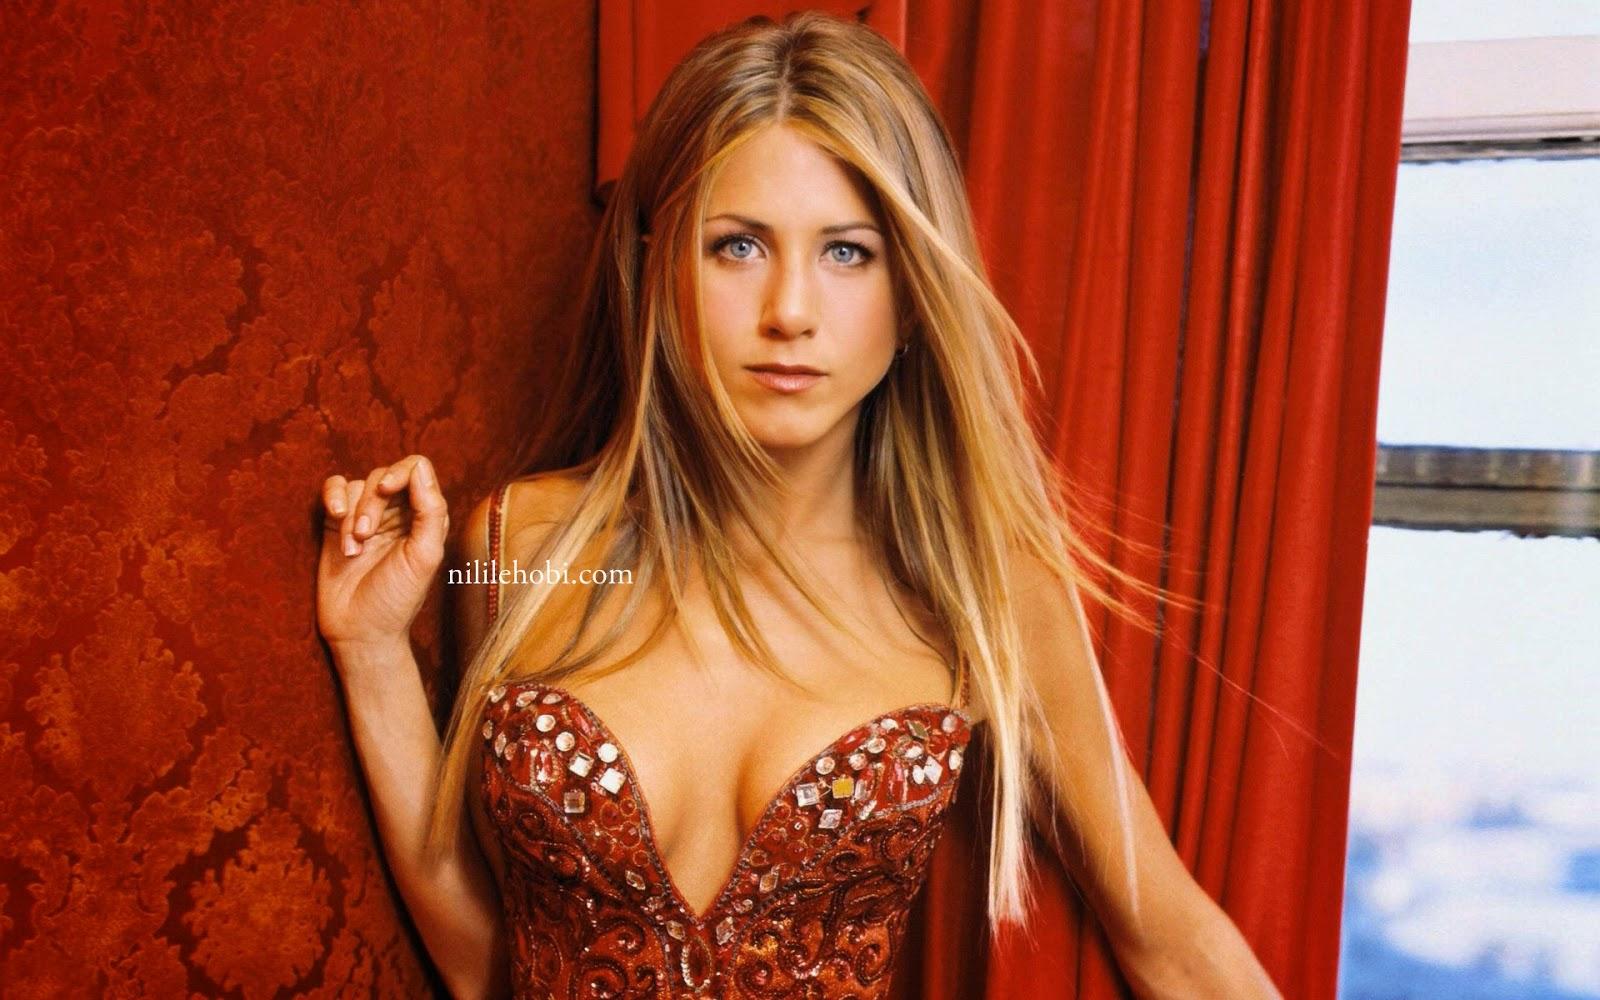 Jennifer Aniston'nun Güzellik ve Zayıflama Sırrı